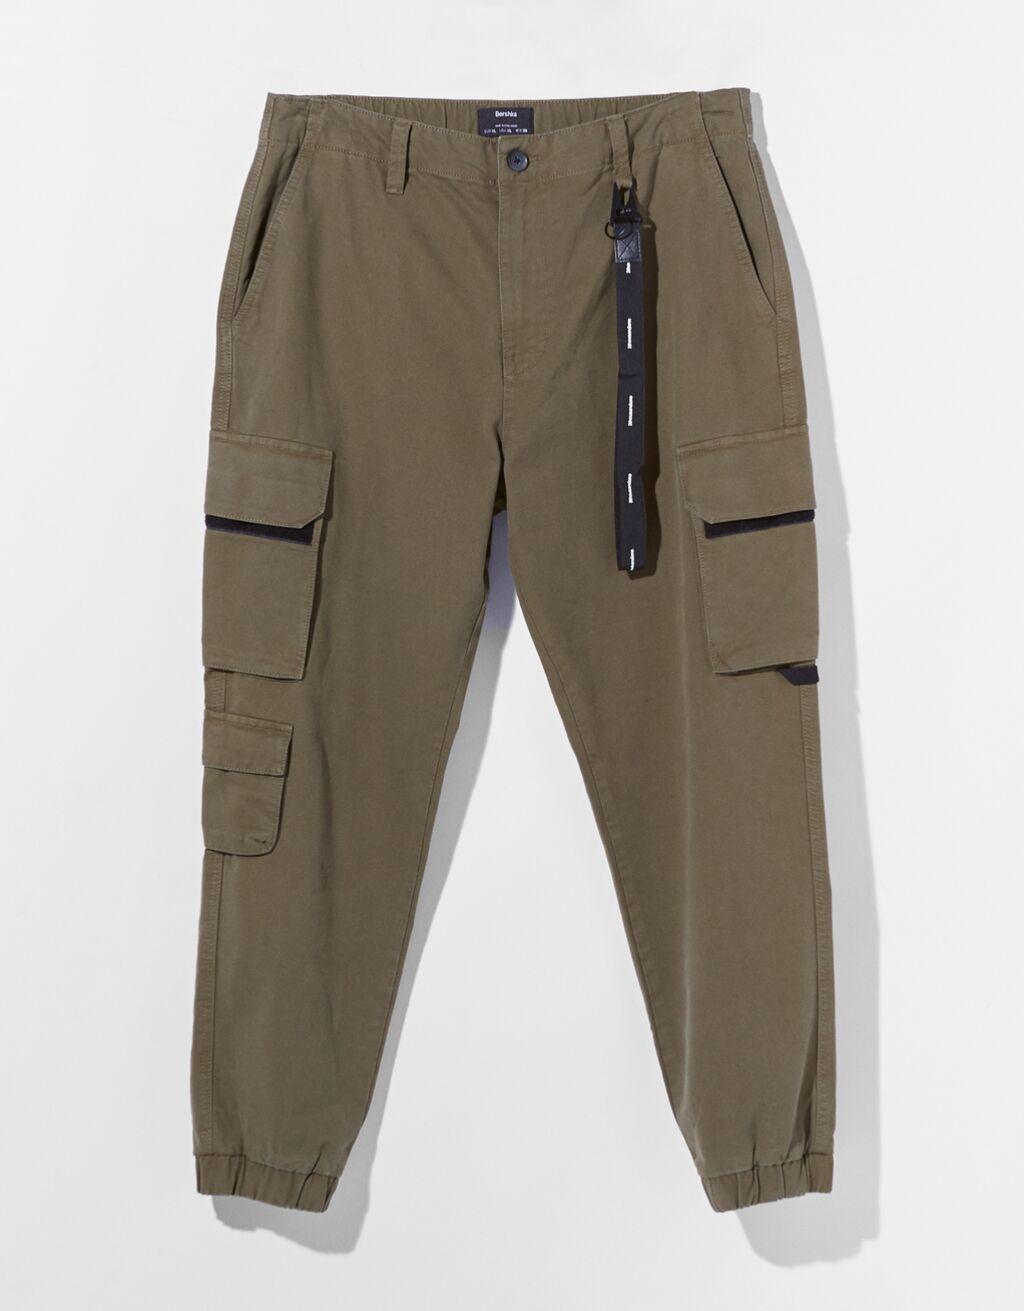 Pantalón tipo cargo Join Line color khaki oscuro